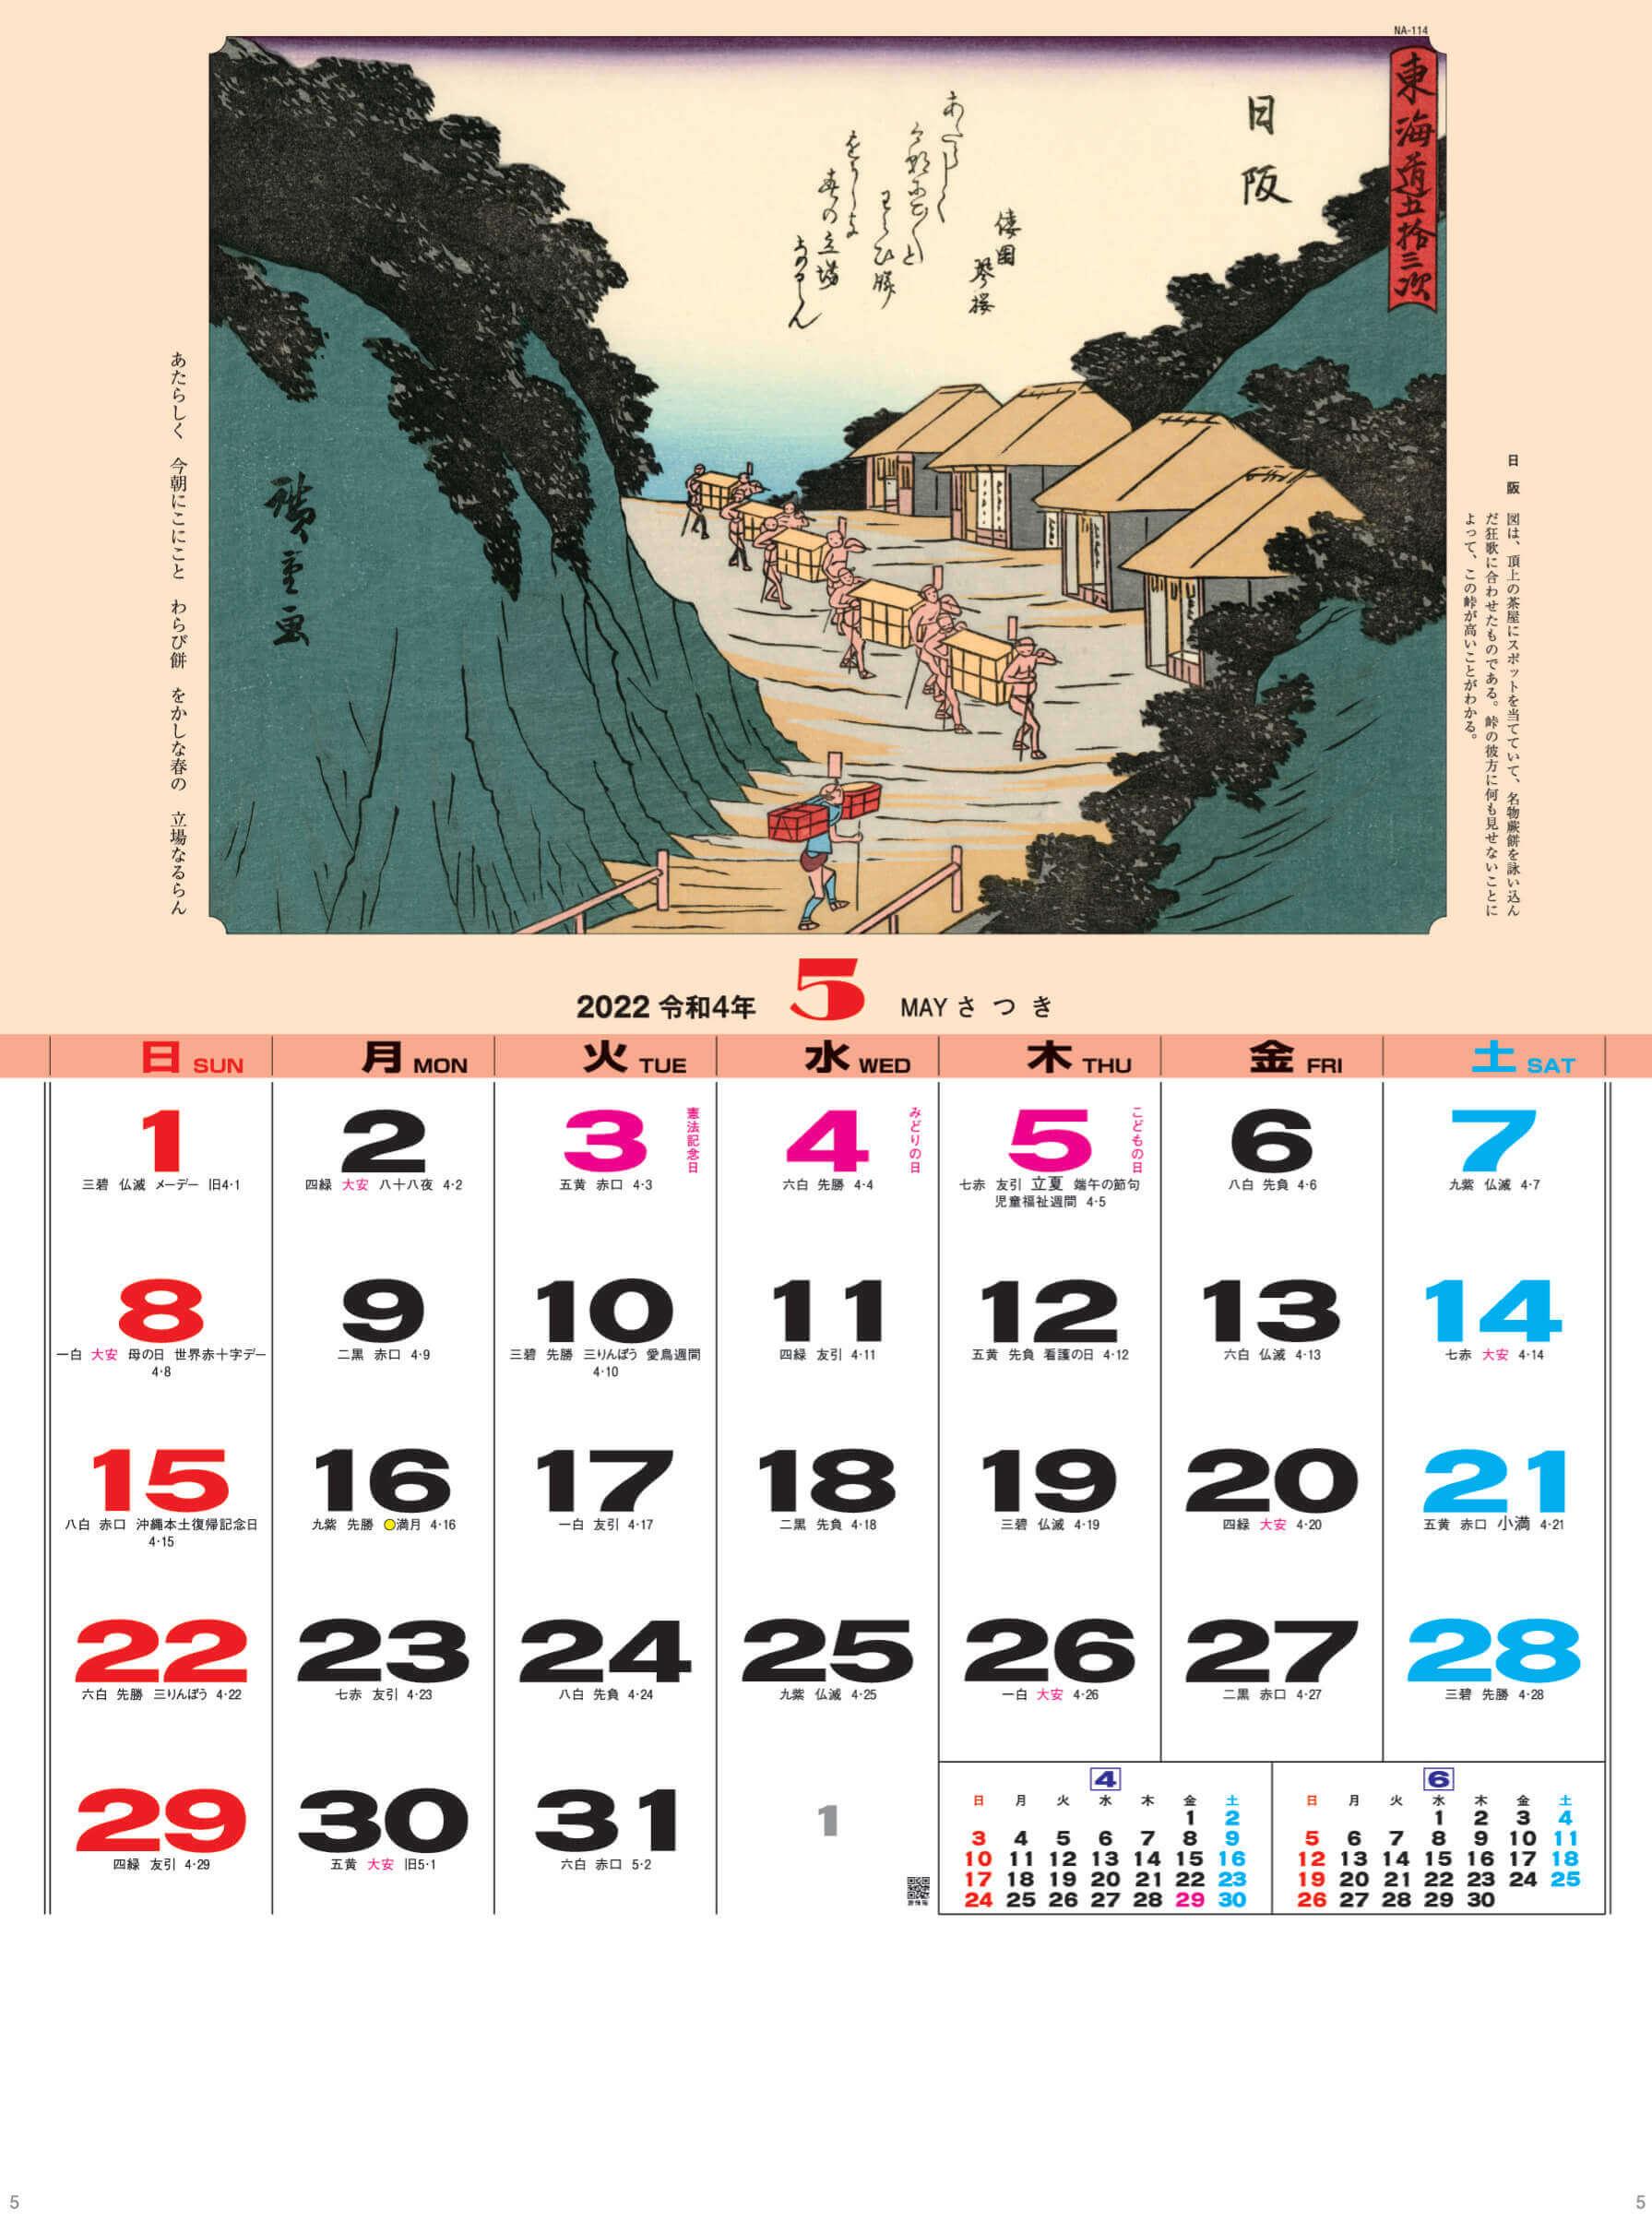 日阪 広重 東海道五十三次 2022年カレンダーの画像